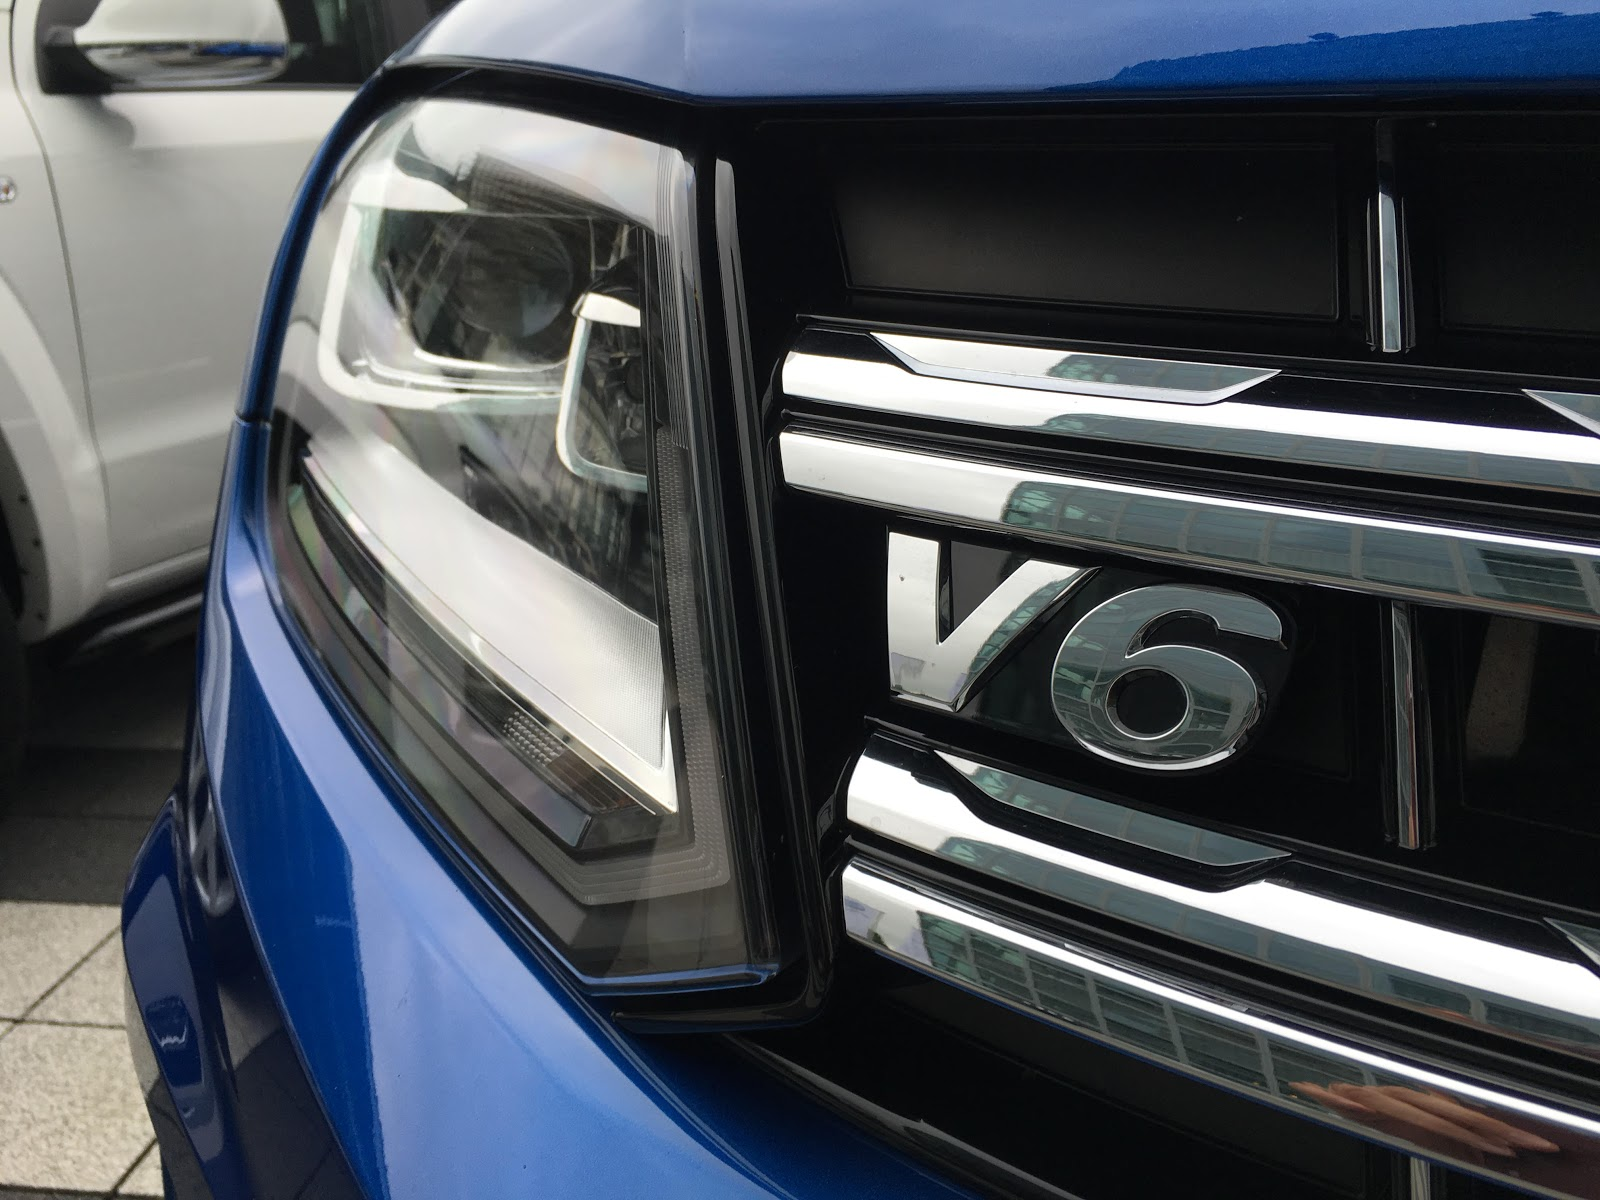 Đánh giá xe Volkswagen Amarok 2017